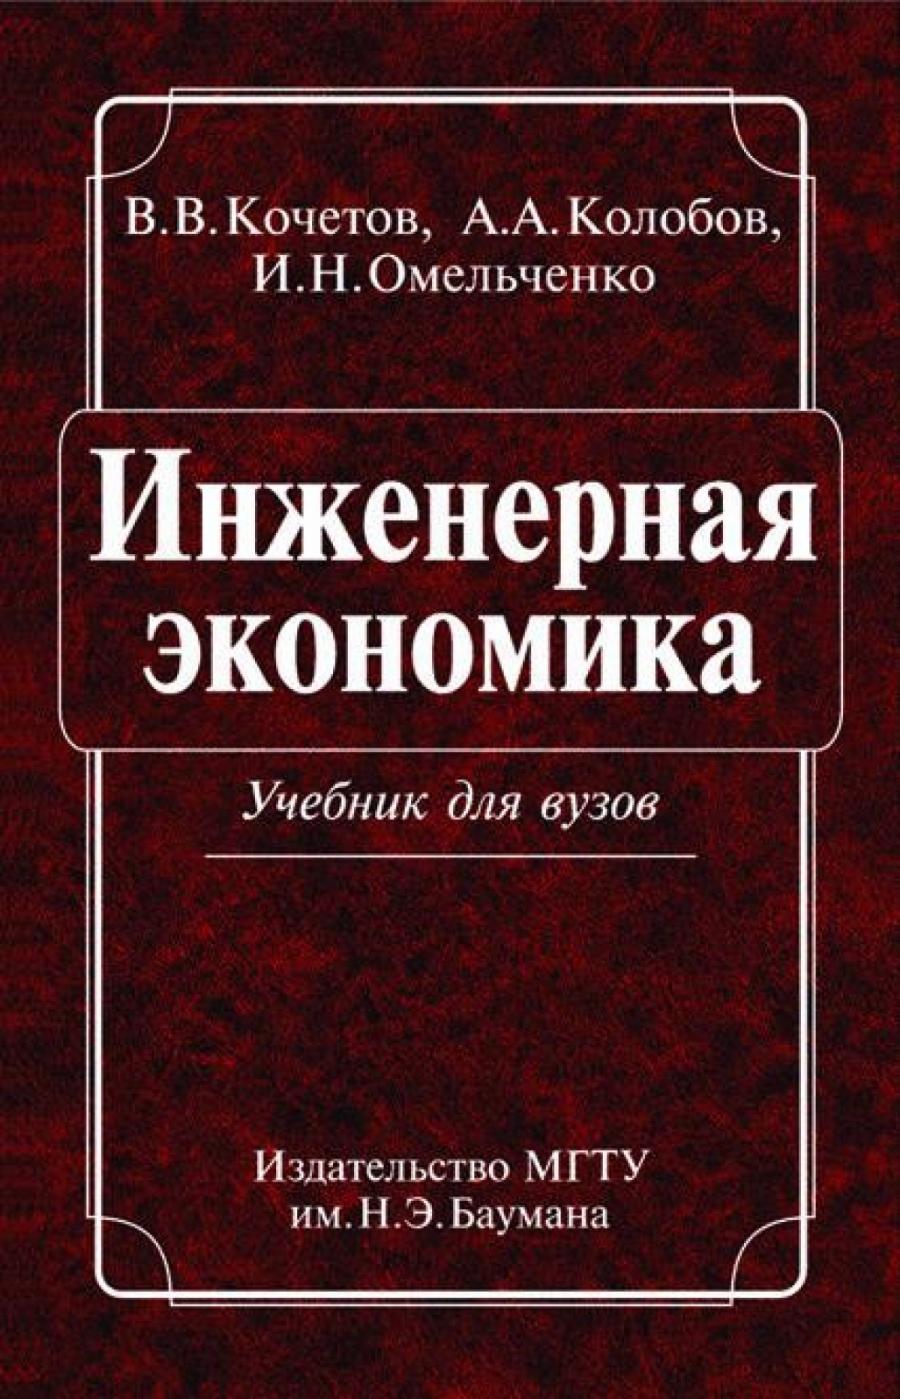 Обложка книги:  в.в. кочетов, а.а. колобов, и.н. омельченко - инженерная экономика